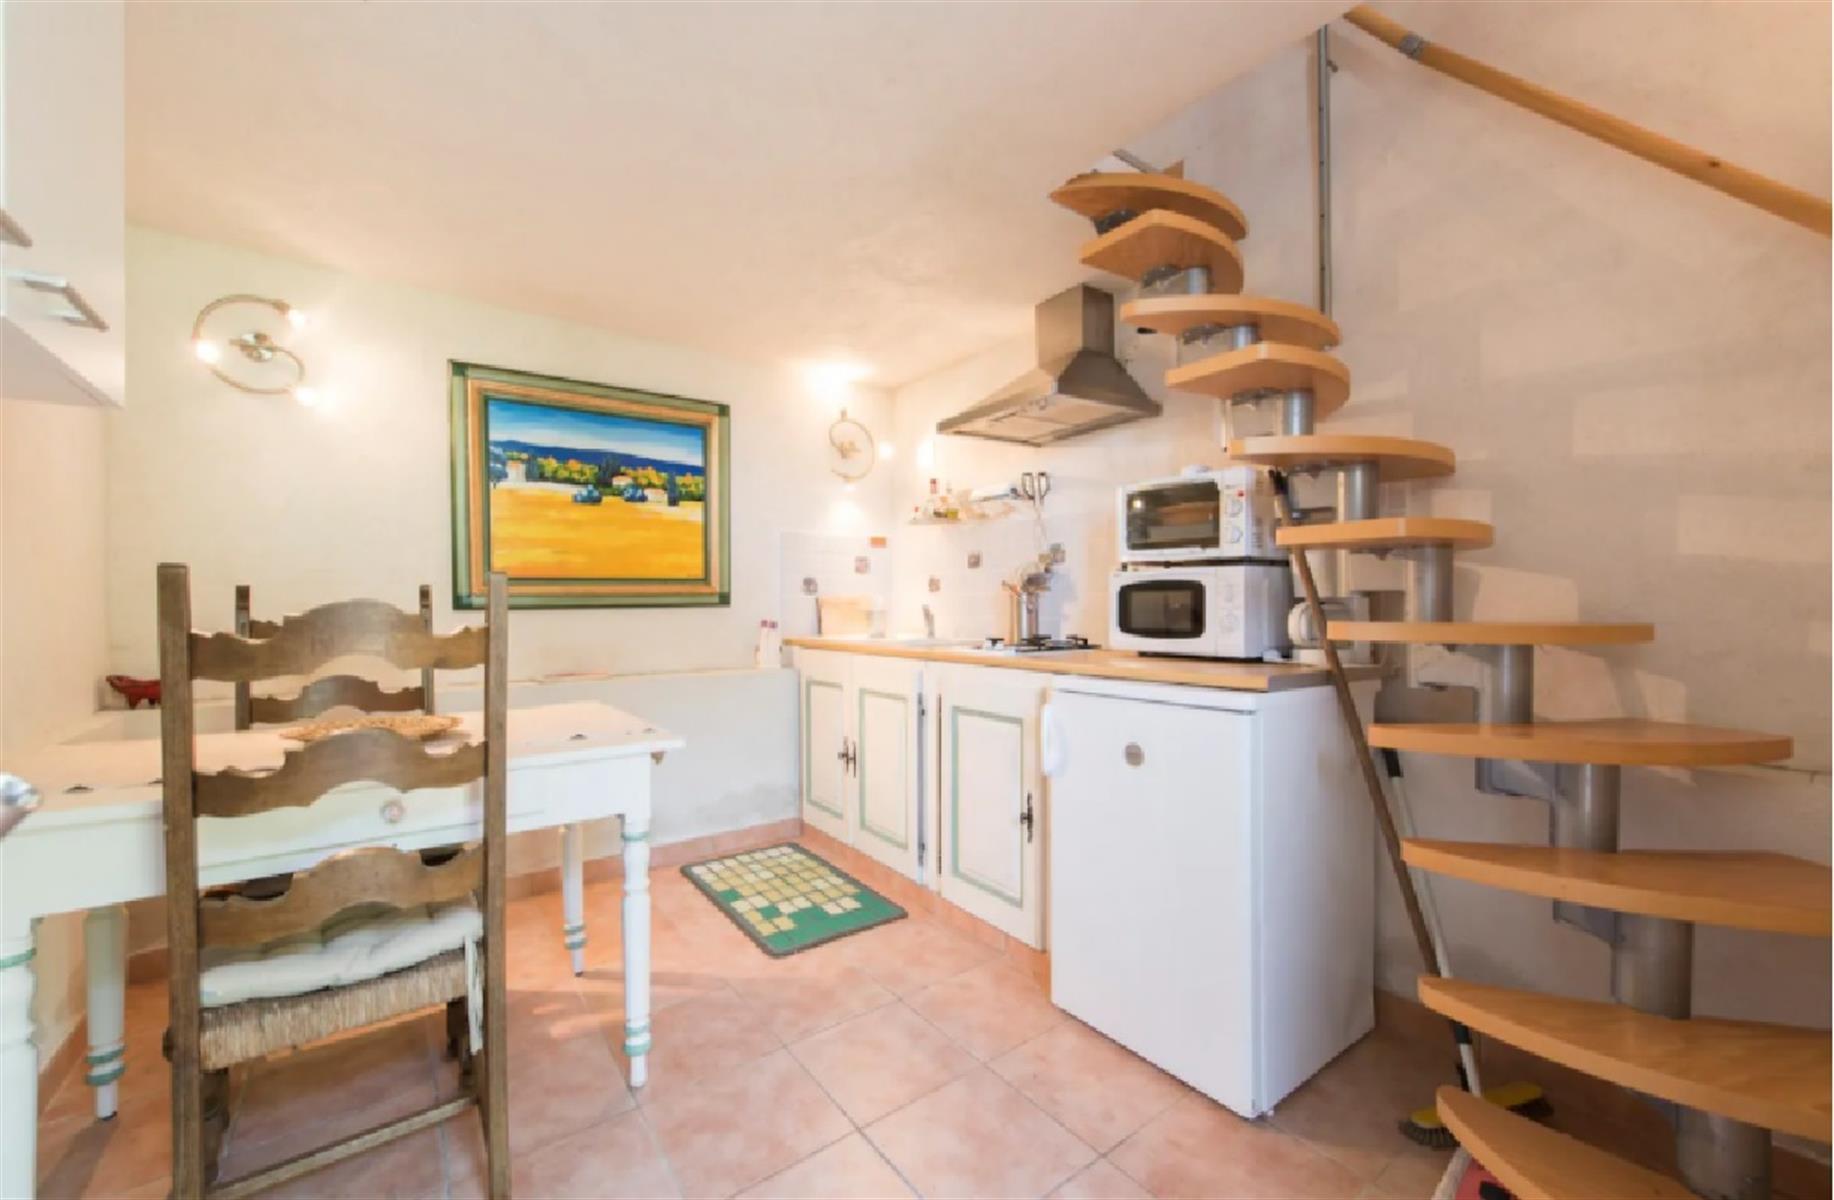 Maison de vacances - St-Cezaire-sur-Siagne      (Tour) - #4309620-3